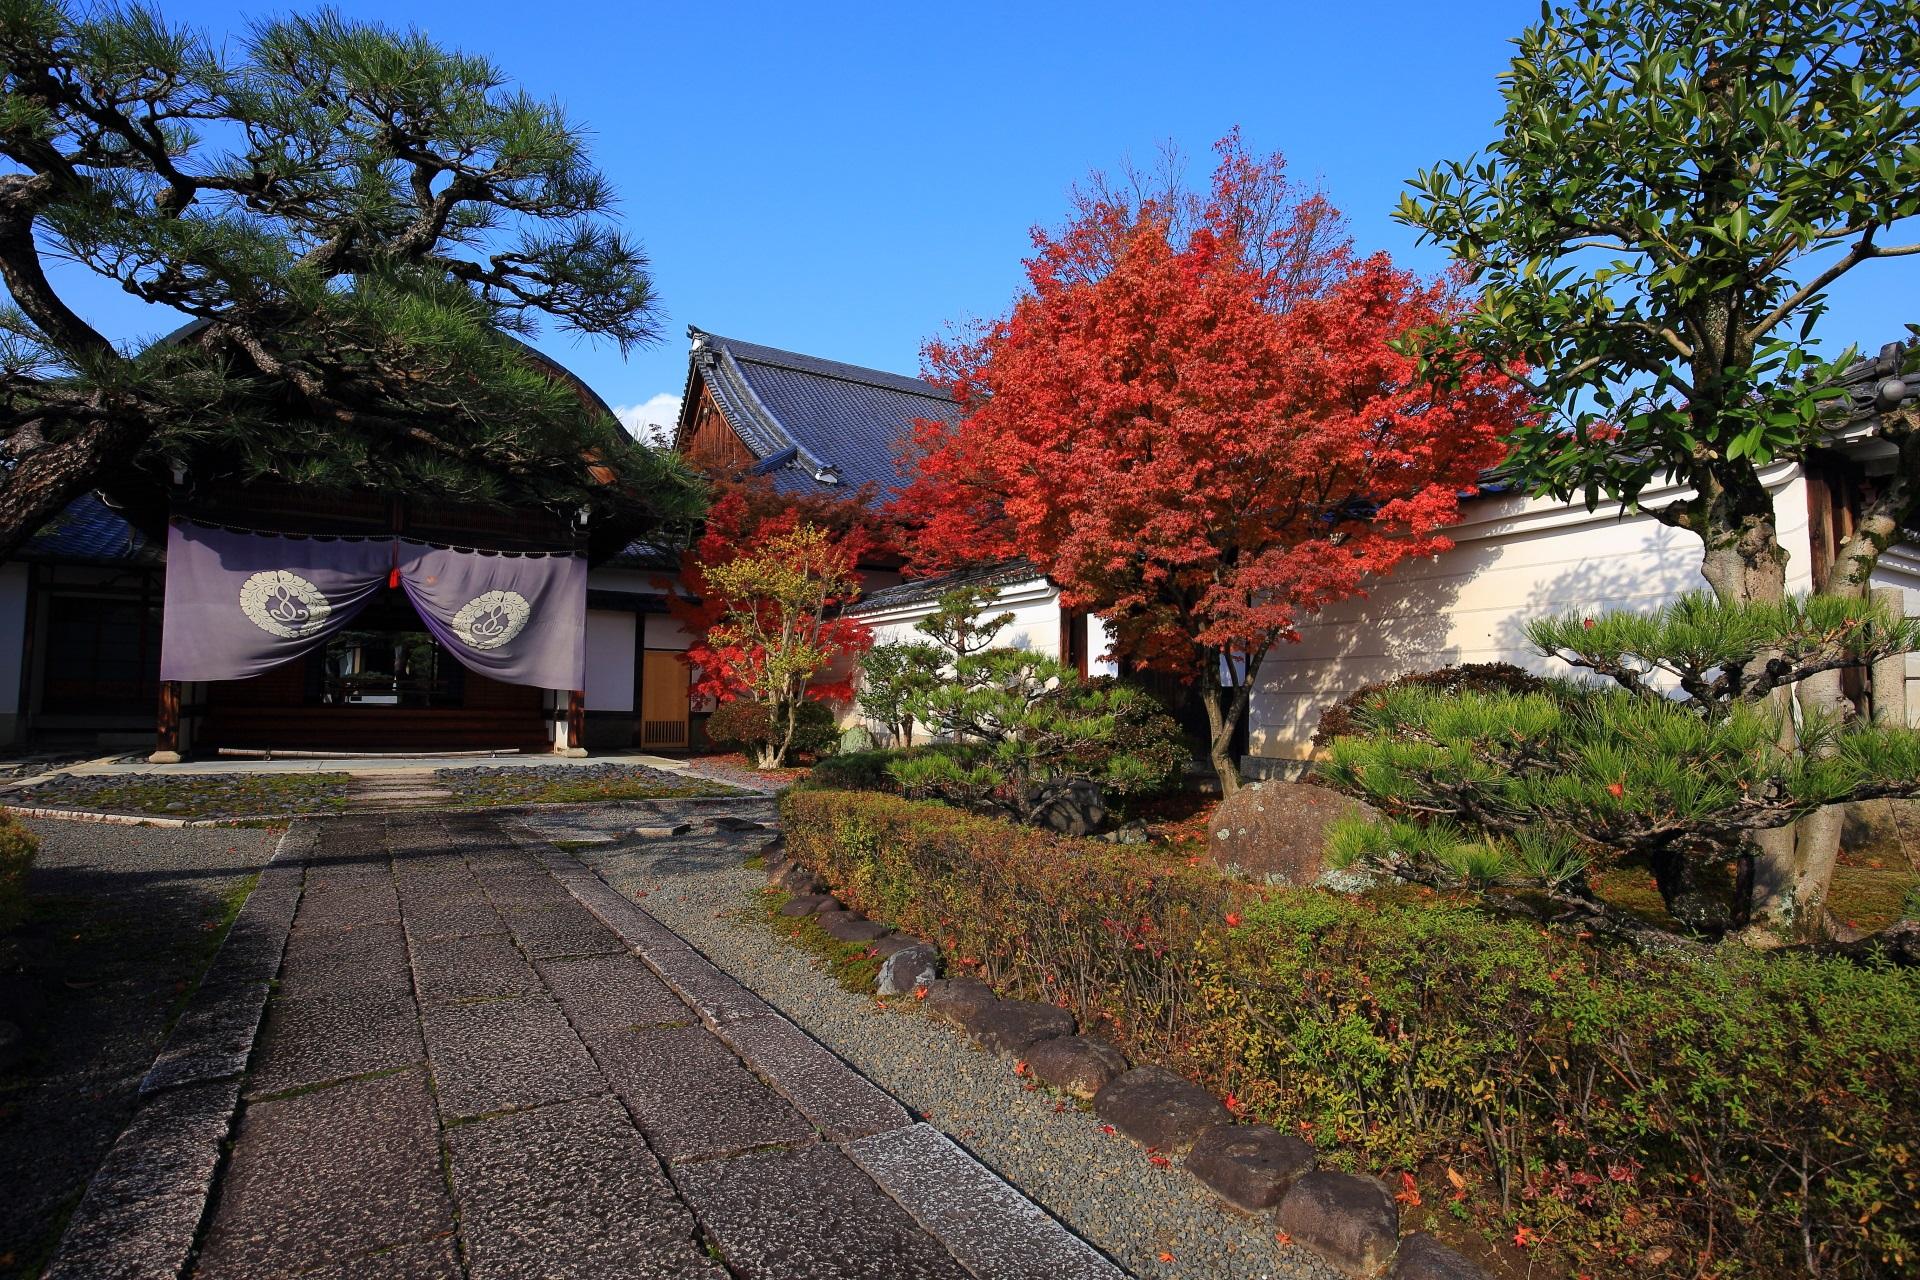 妙覚寺の玄関と庭園の白壁を彩る鮮烈な赤い紅葉